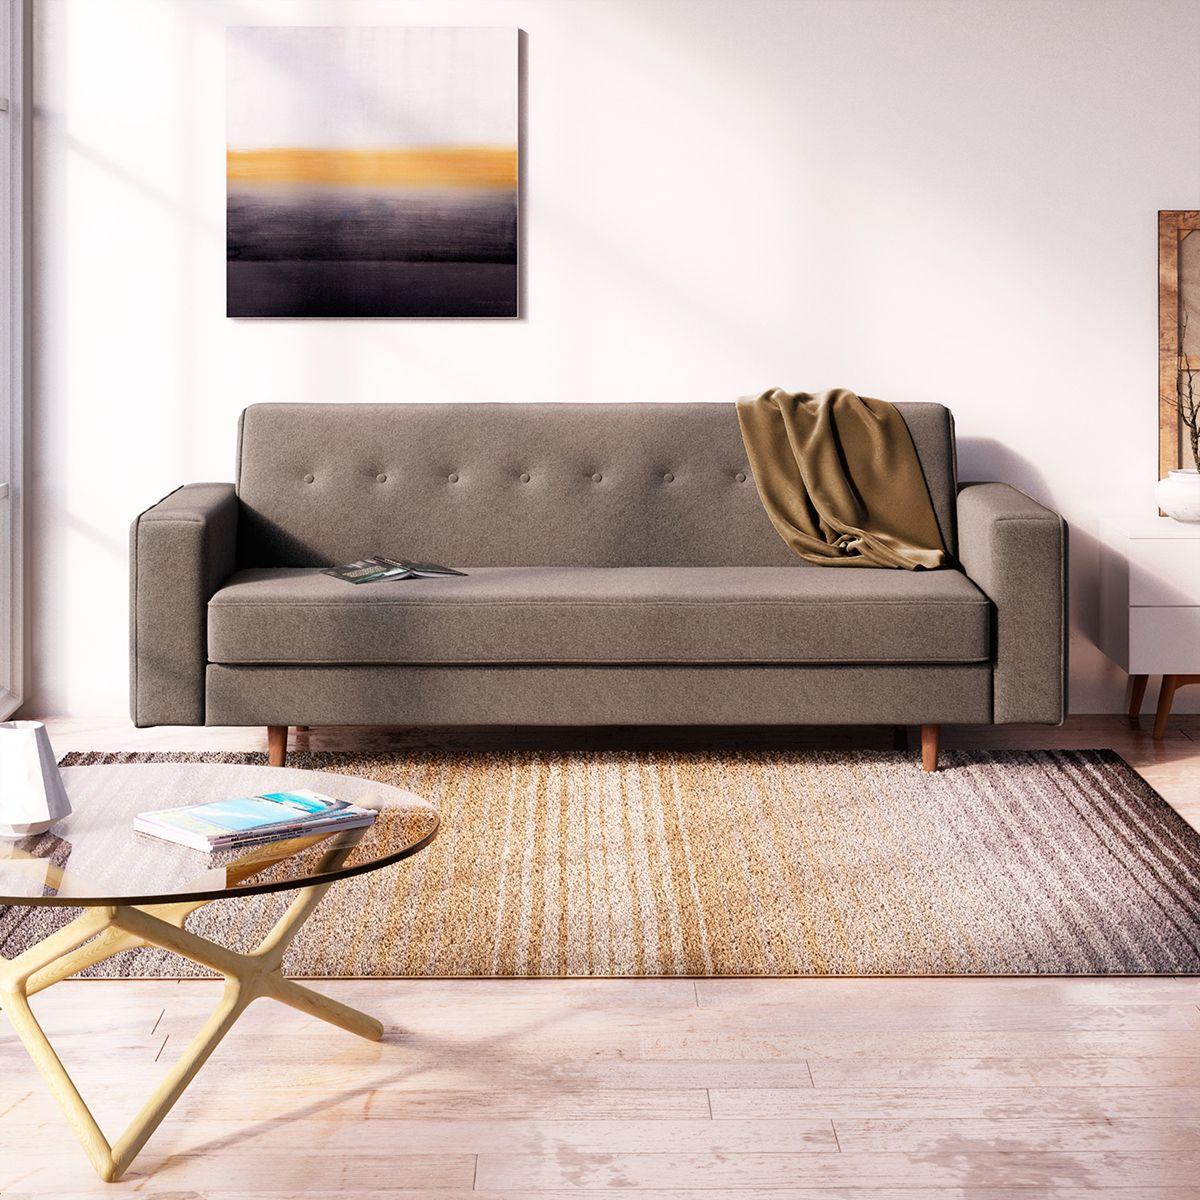 Sofa pic 2